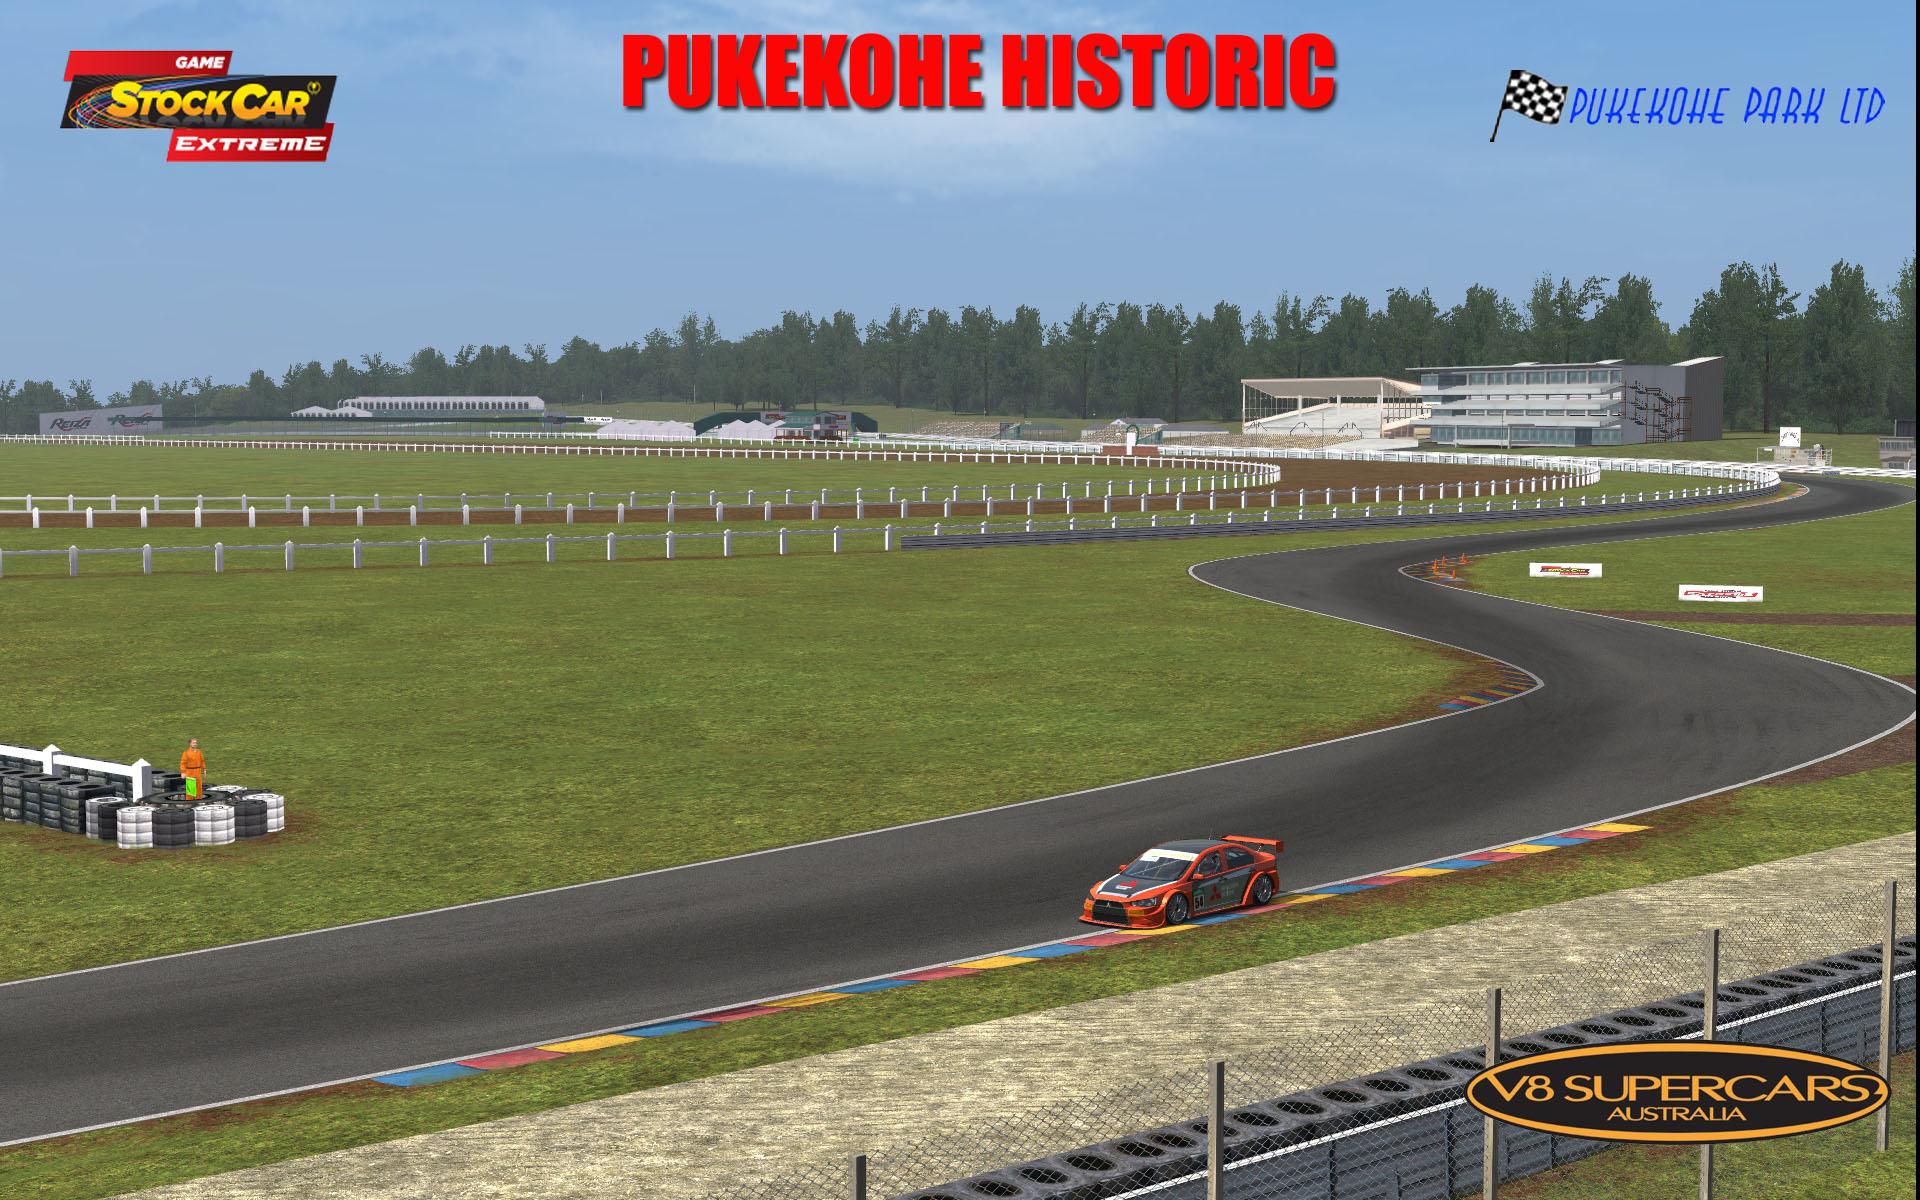 GSC 2013 Pukekohe Historic (V8 Supercars) v2.01